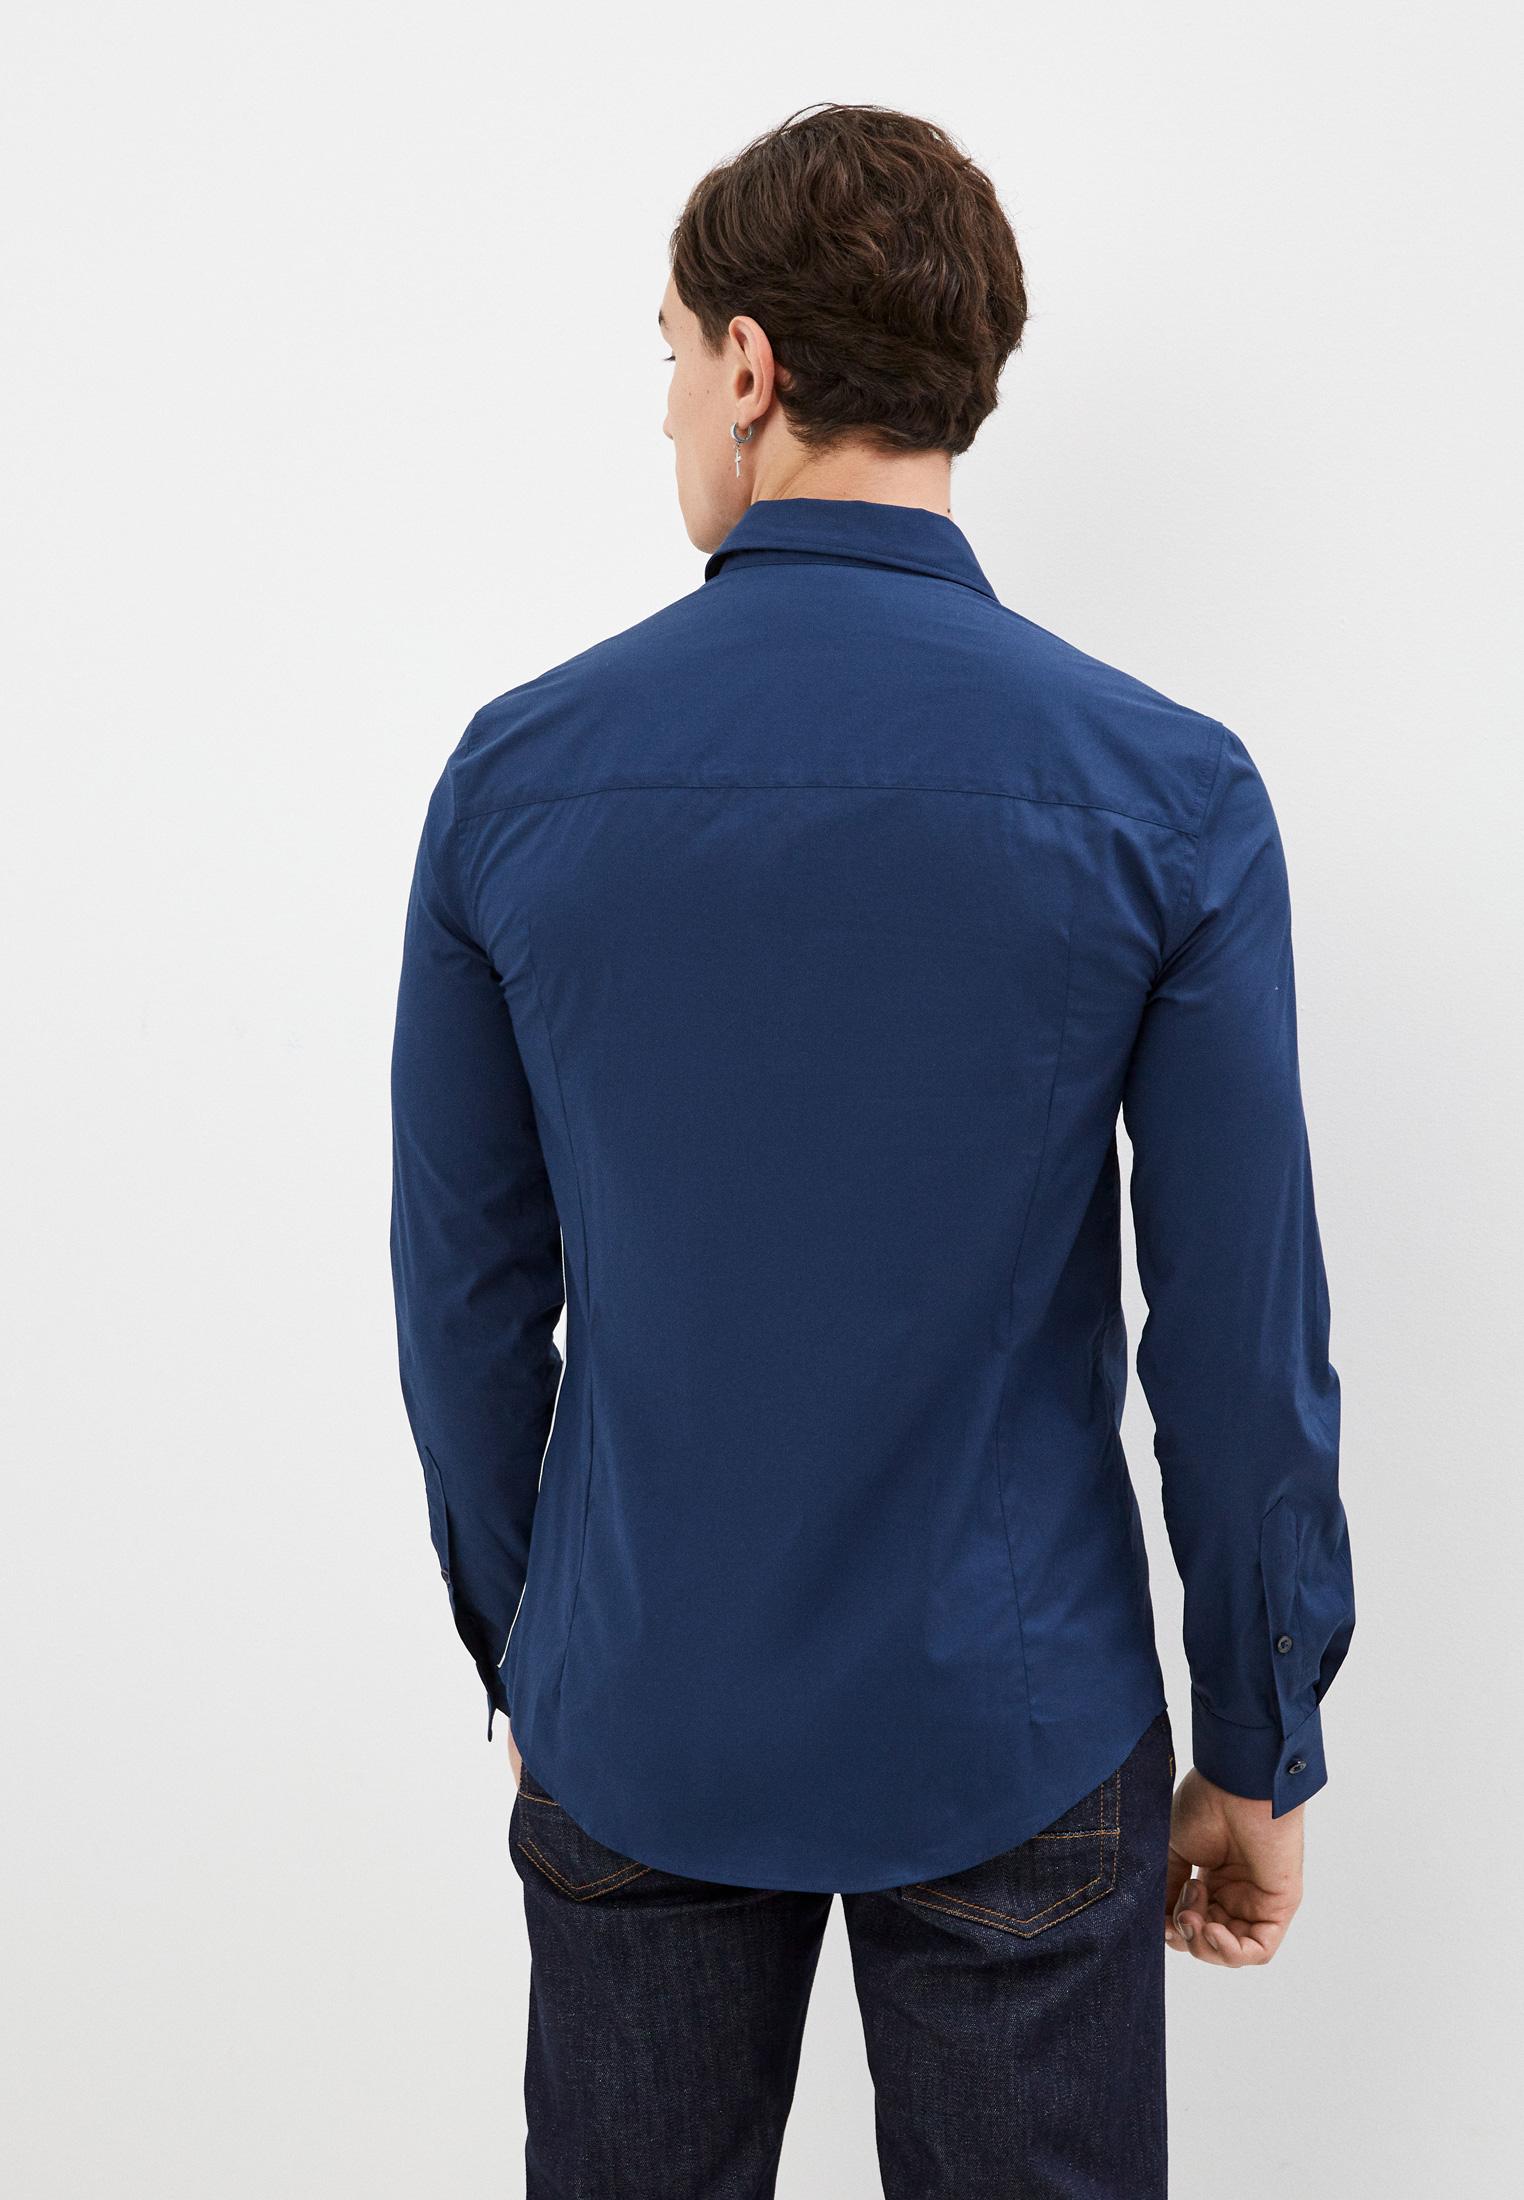 Рубашка с длинным рукавом Bikkembergs (Биккембергс) C C 055 81 S 2931: изображение 4